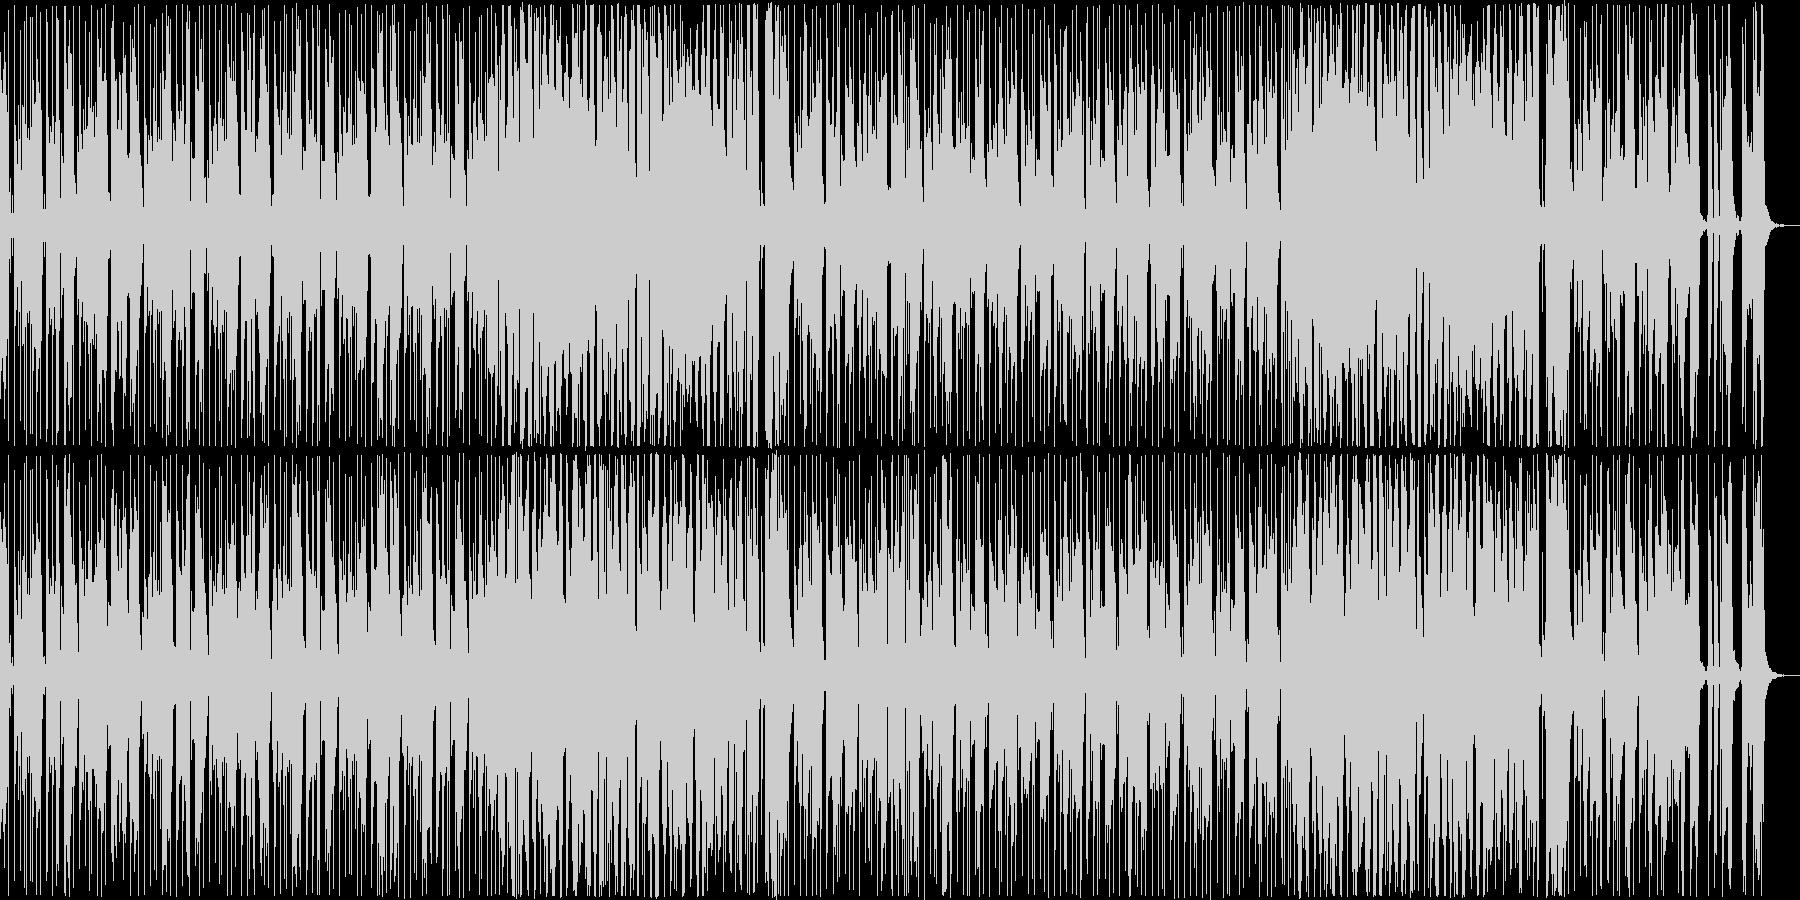 ゆったりクールなファンクミュージックの未再生の波形